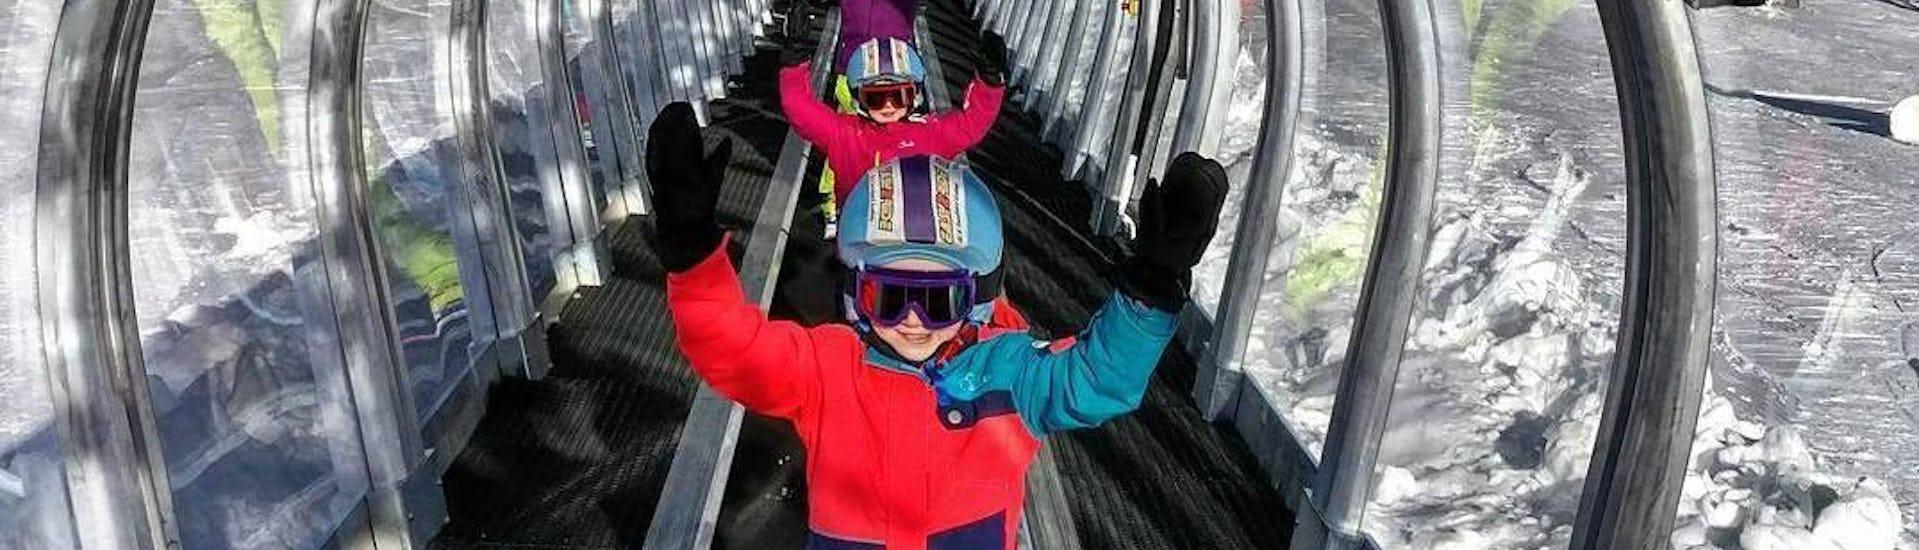 De jeunes skieurs utilisent avec joie le tapis magique de l'école de ski ESI Easy2Ride Morzine pendant leur Cours de ski pour Enfants (5-13 ans) - Après-midi - Débutant.